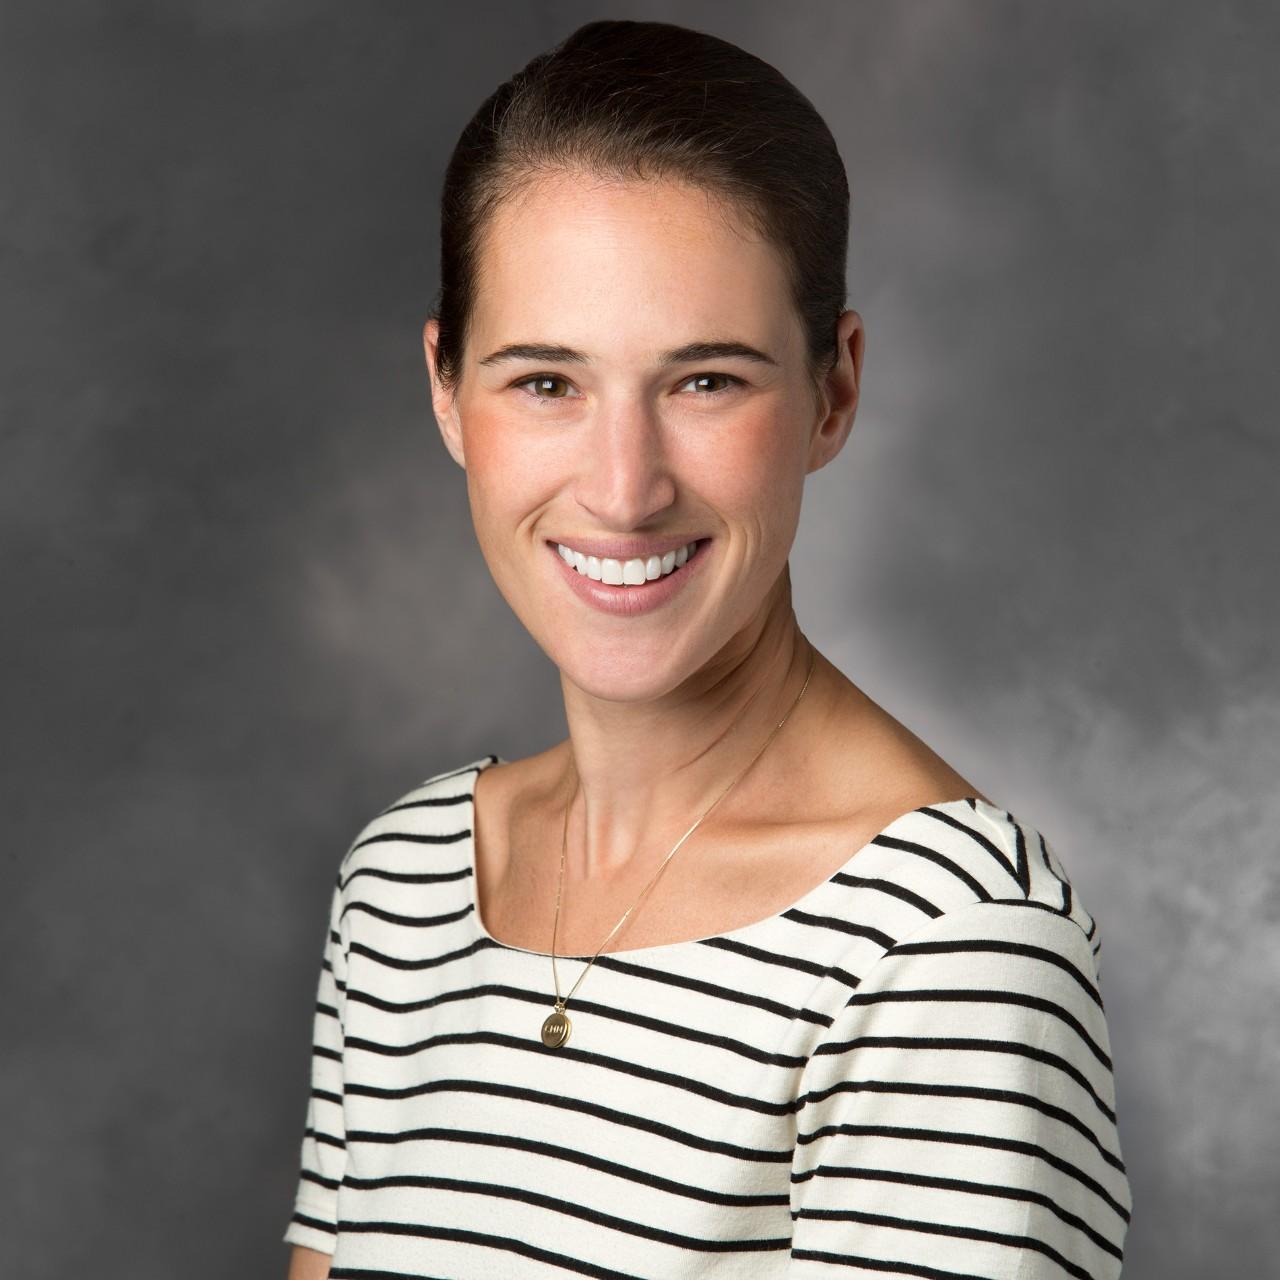 Dr. Lori Muffly